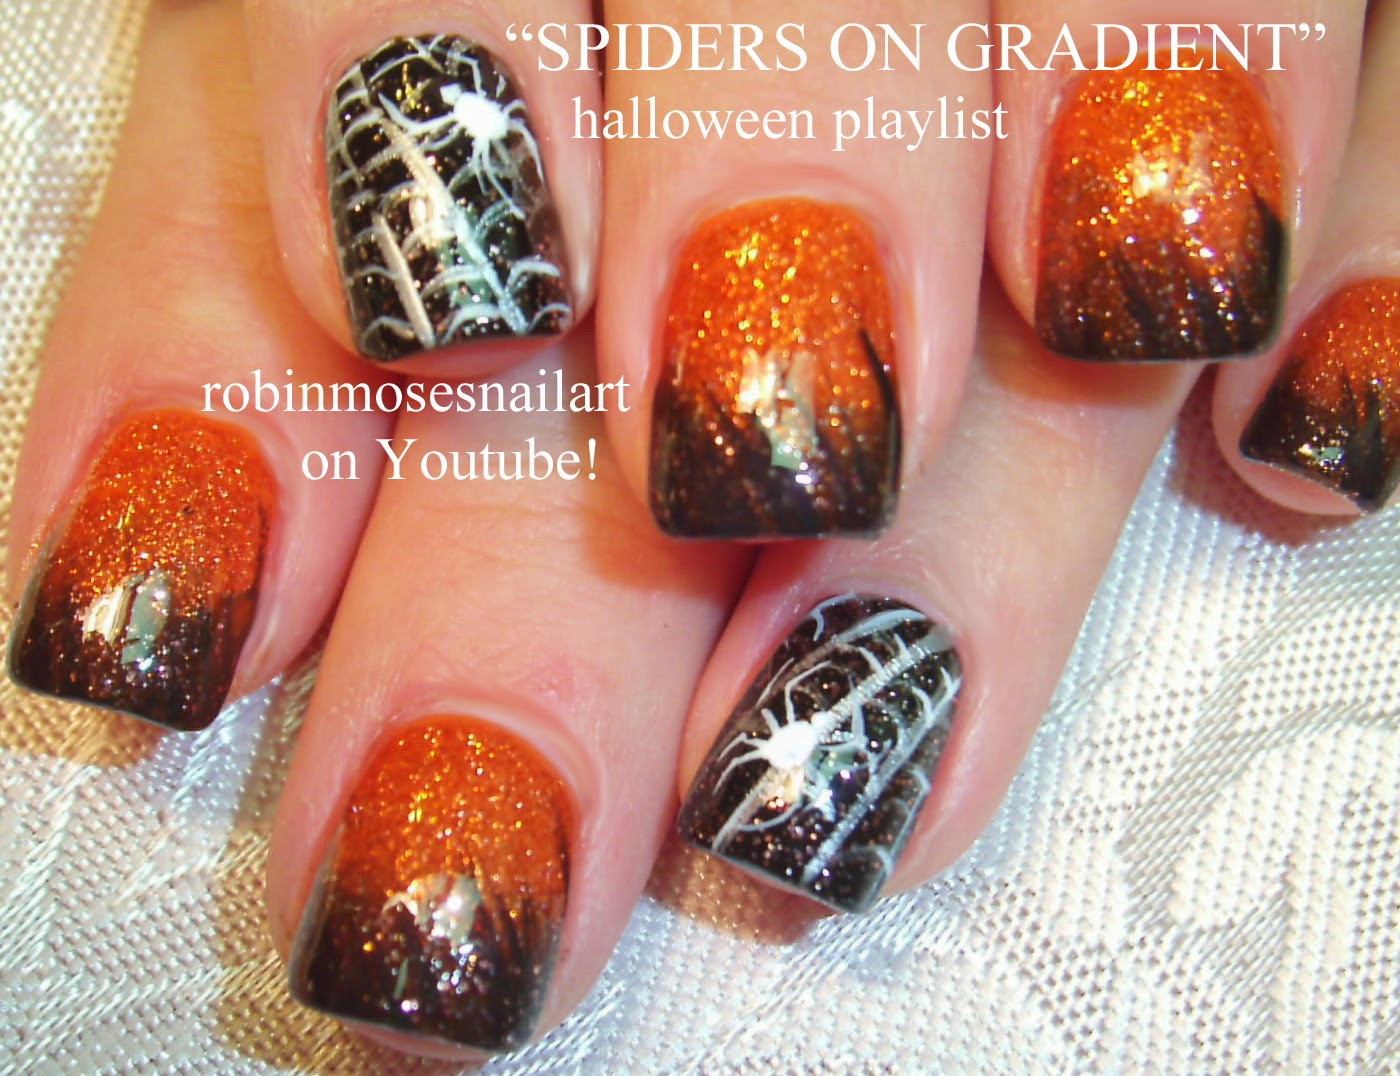 Robin moses nail art owl nails halloween nails cute owl nails halloween nails cute halloween nails cute halloween art halloween clip art halloween nail art black cat nails bat nails spiderweb prinsesfo Choice Image